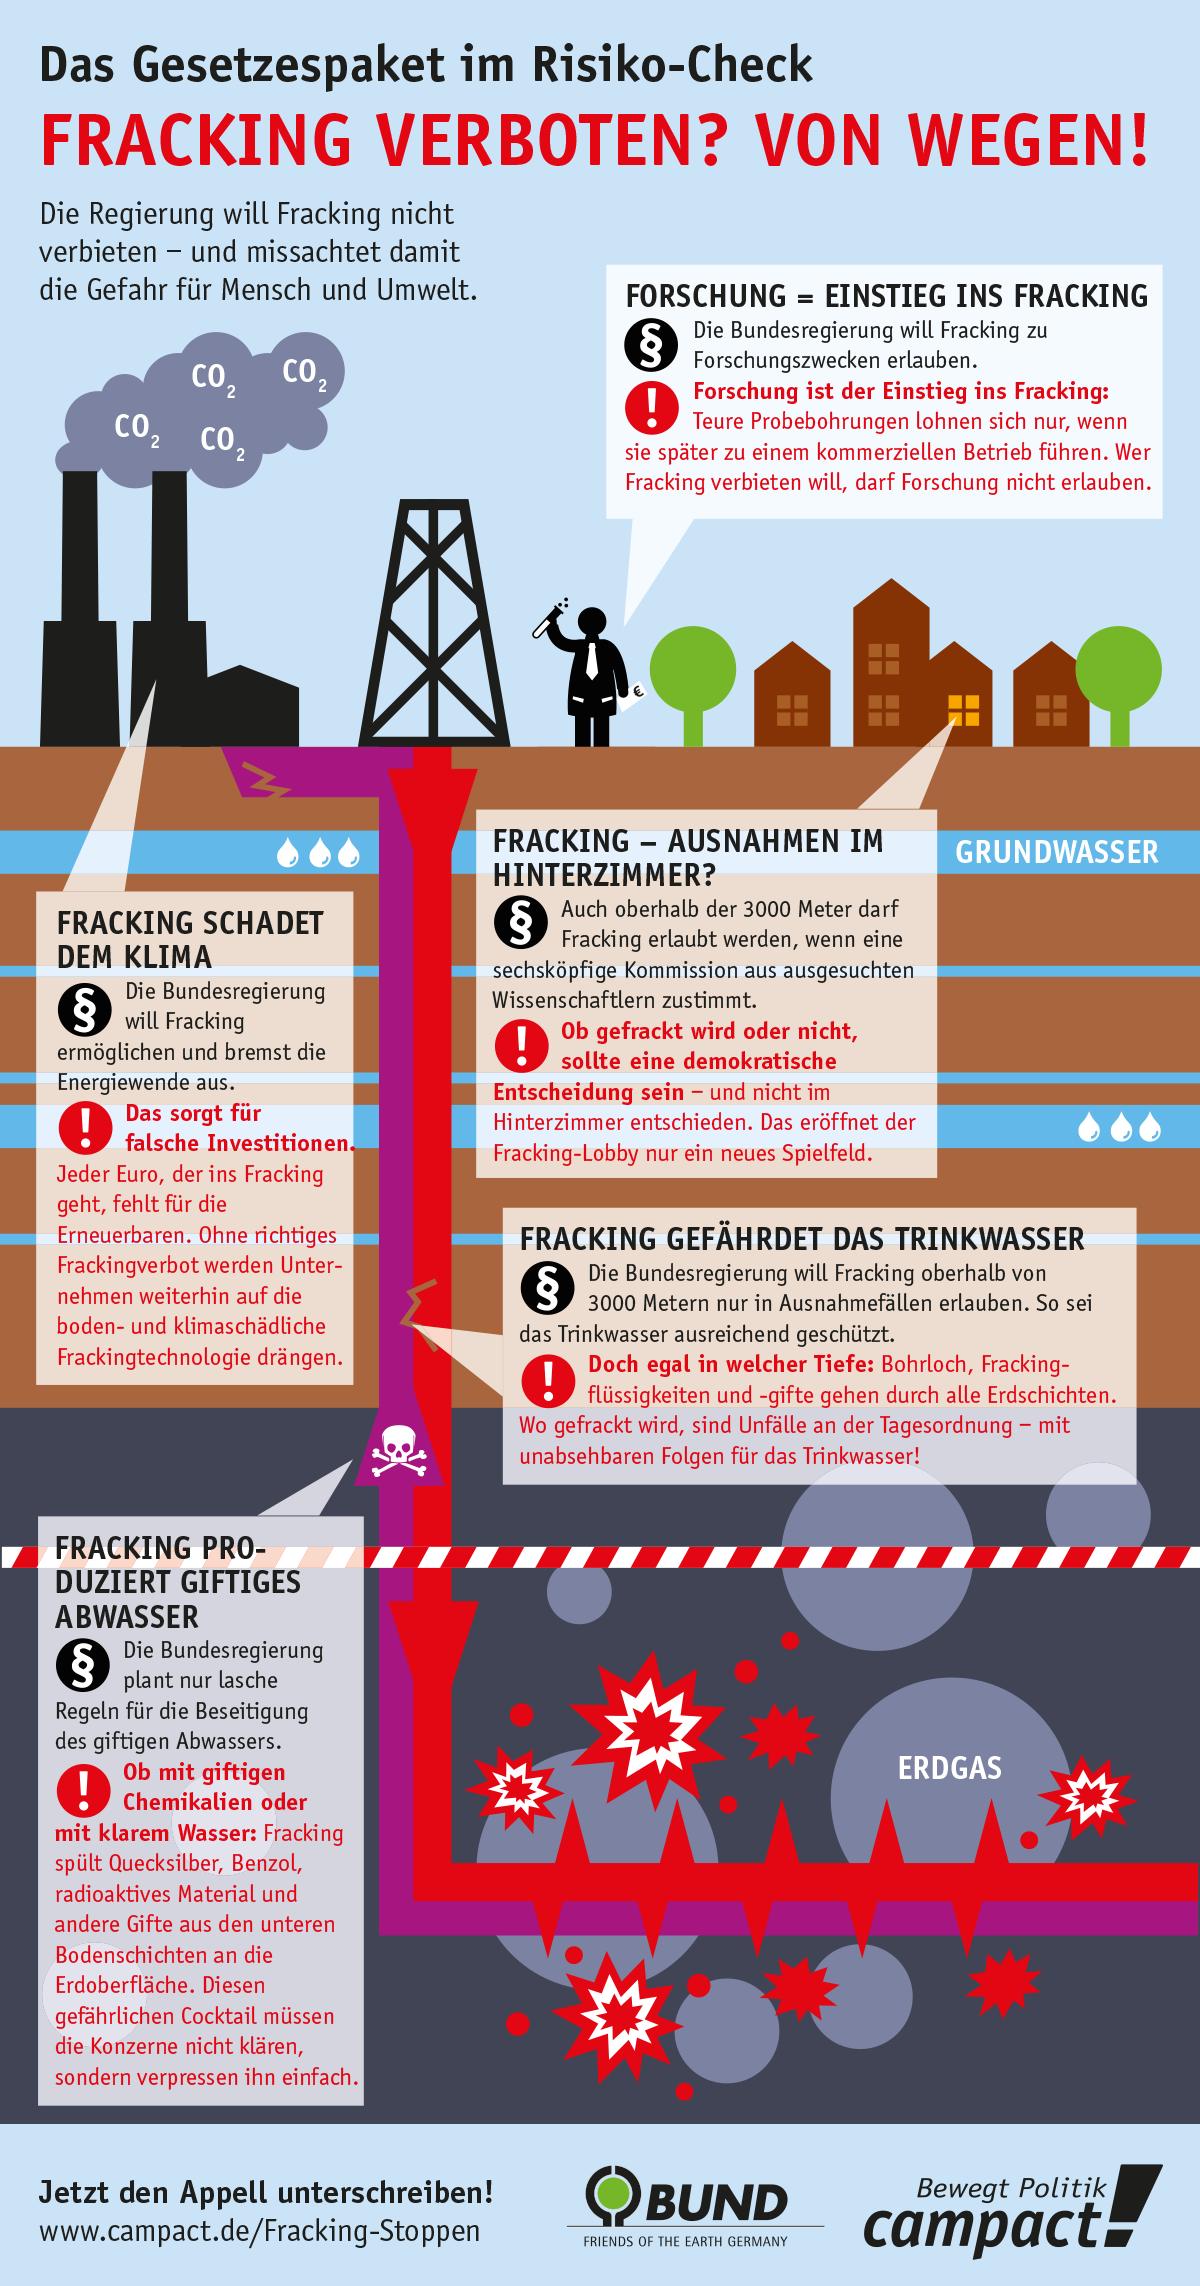 Die Regierung hat ein Gesetz zum Fracking vorgelegt – und lässt Exxon und Co. viele Schlupflöcher – welche, zeigt unsere Grafik.